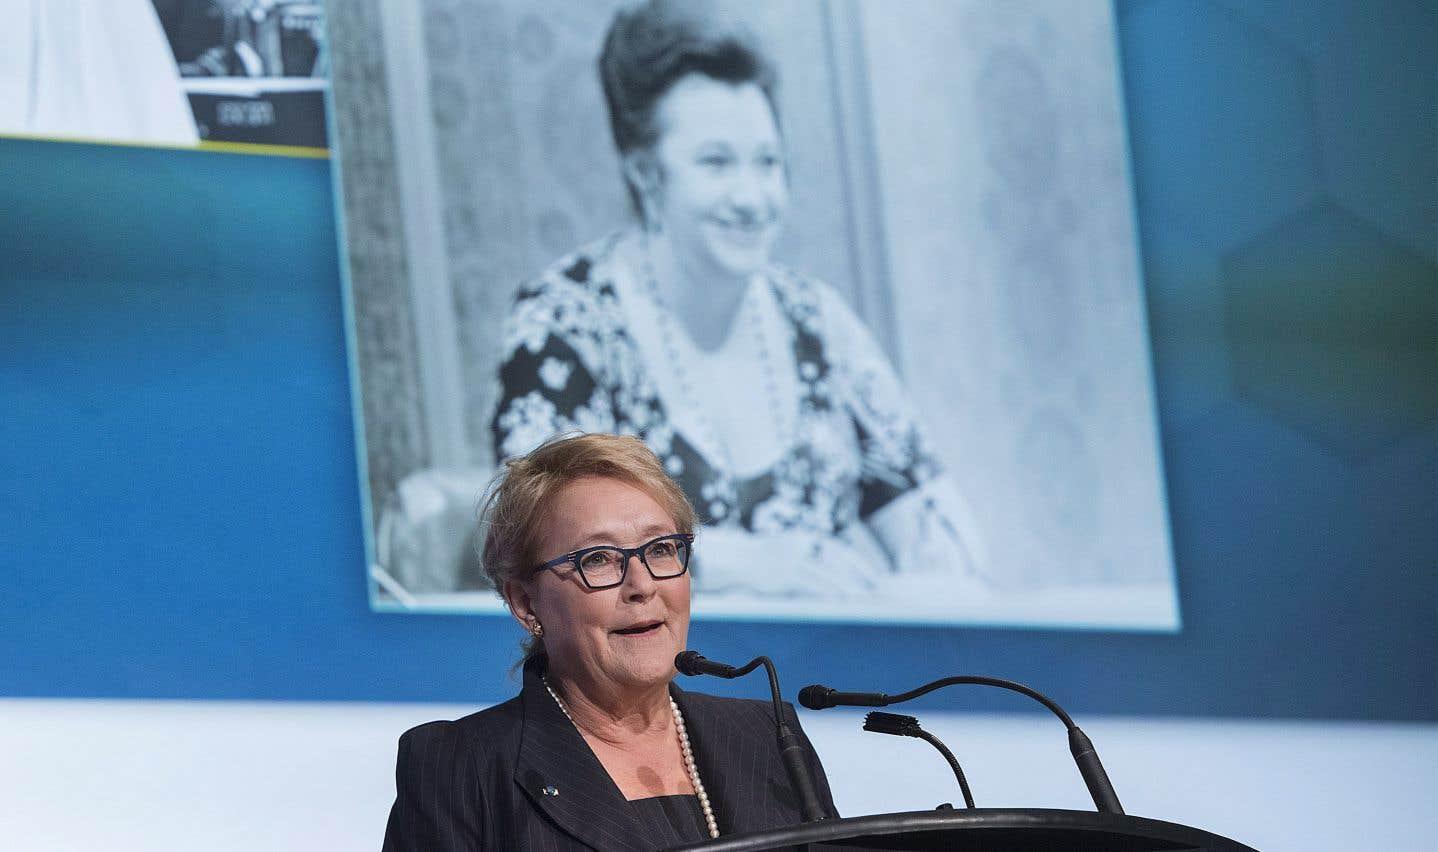 Tout comme l'ancienne première ministre Pauline Marois qui lui a rendu hommage.